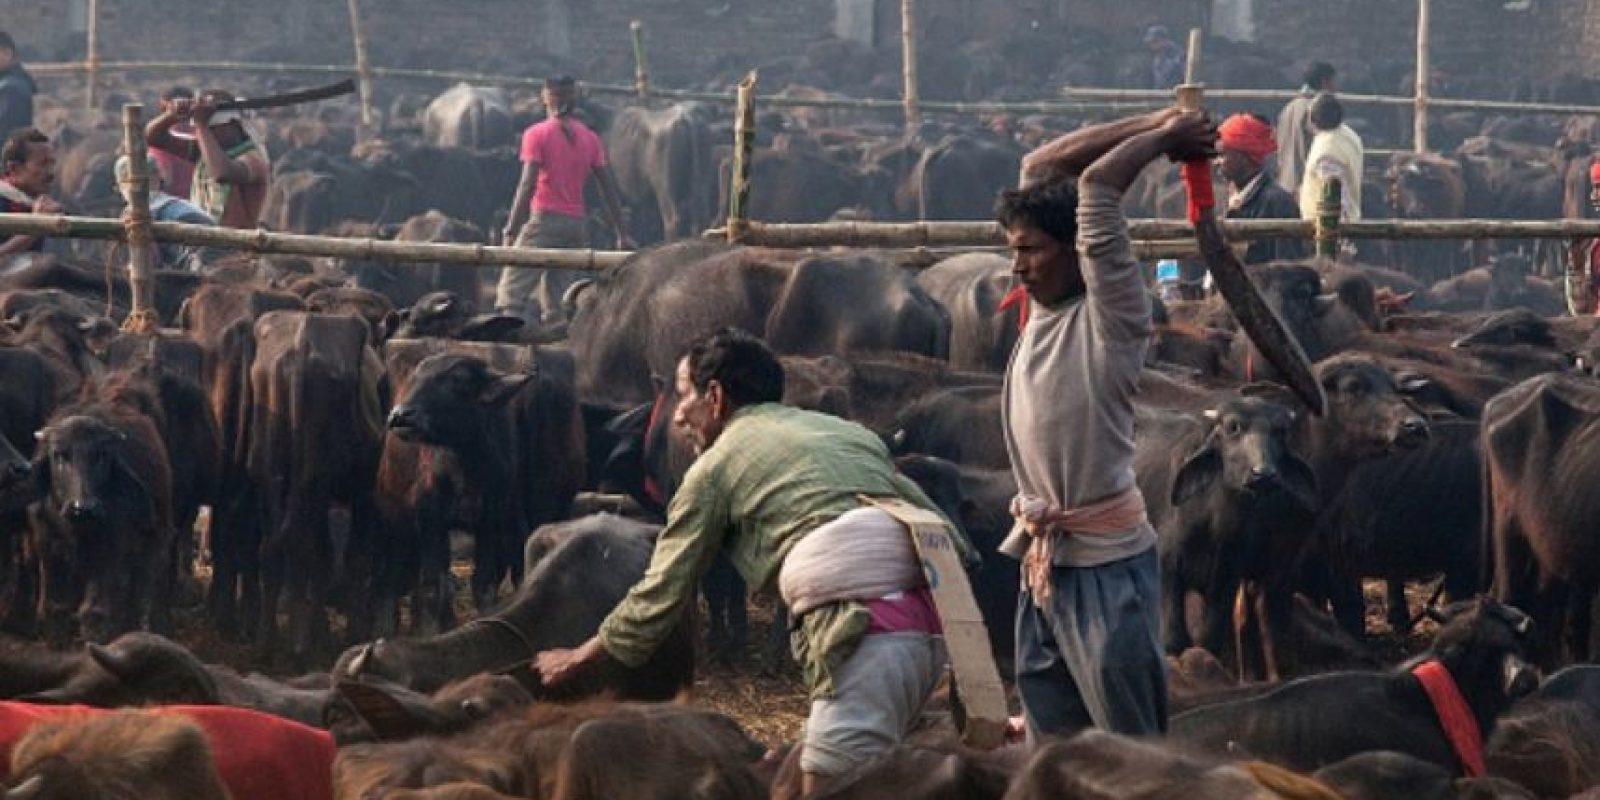 Esta celebración hindú se realiza cada cinco años en Bara, al sur de Nepal, donde devotos matan animales -en su mayoría búfalos, ovejas, gallinas y cabras- como sacrificio a la diosa hindú de la energía. Gadhimai. Foto:Getty Images